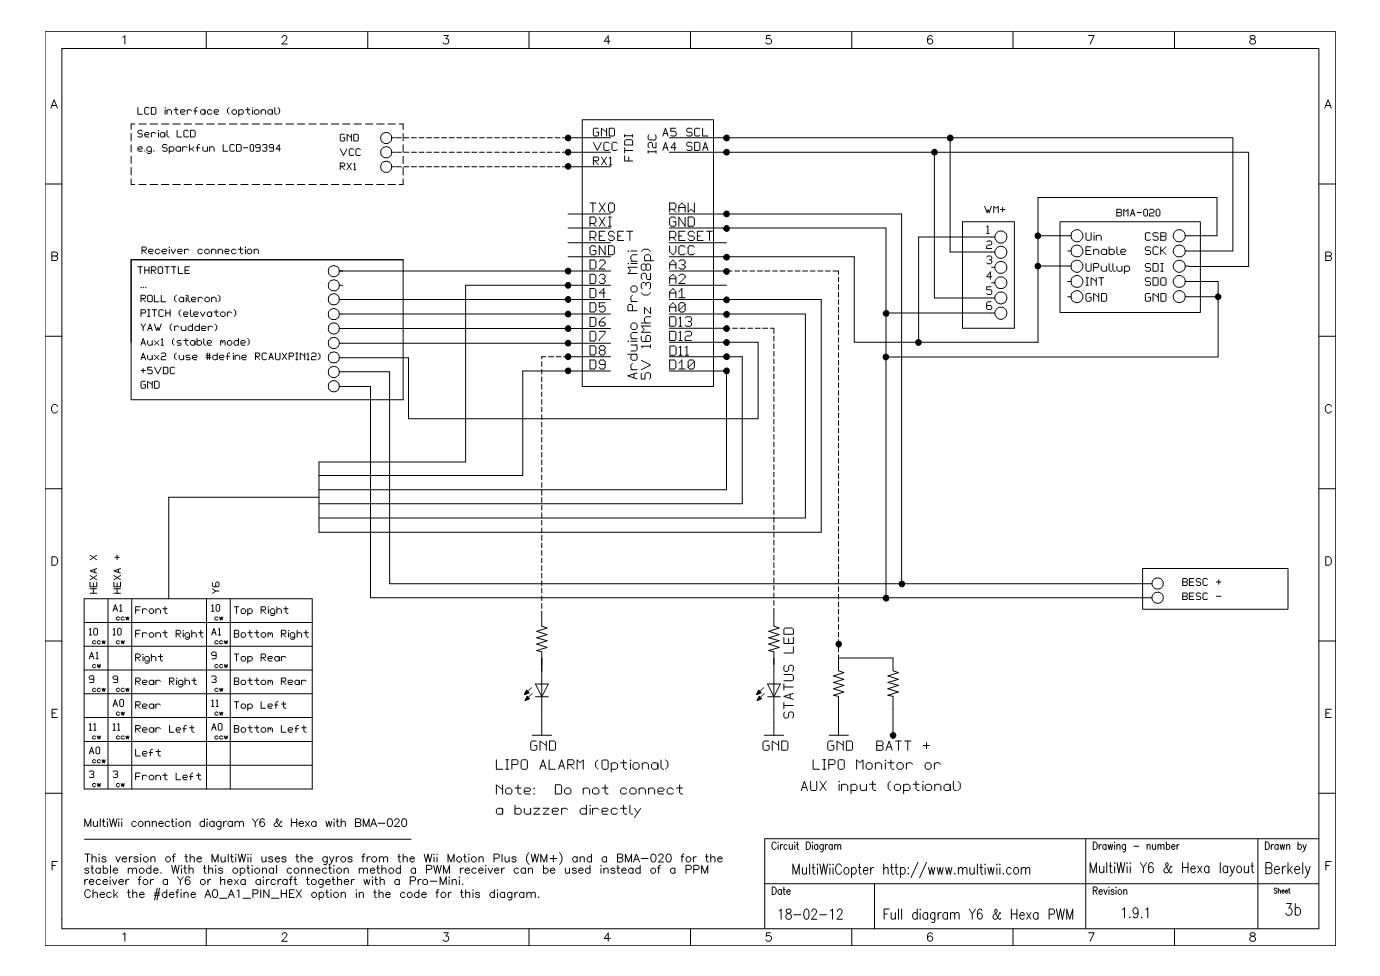 quadcopter wiring diagram multiwii 328p kk2 wiring wiring quadcopter ardupilot wiring diagrams diy quadcopter schematics [ 1380 x 976 Pixel ]